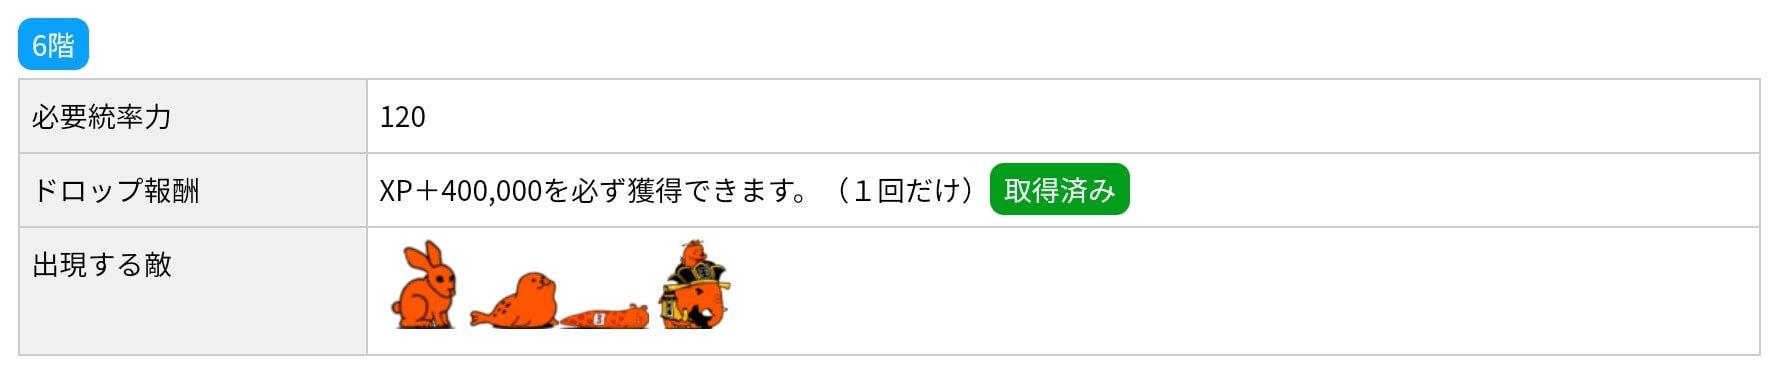 にゃんこ別塔(赤)6階 敵編成